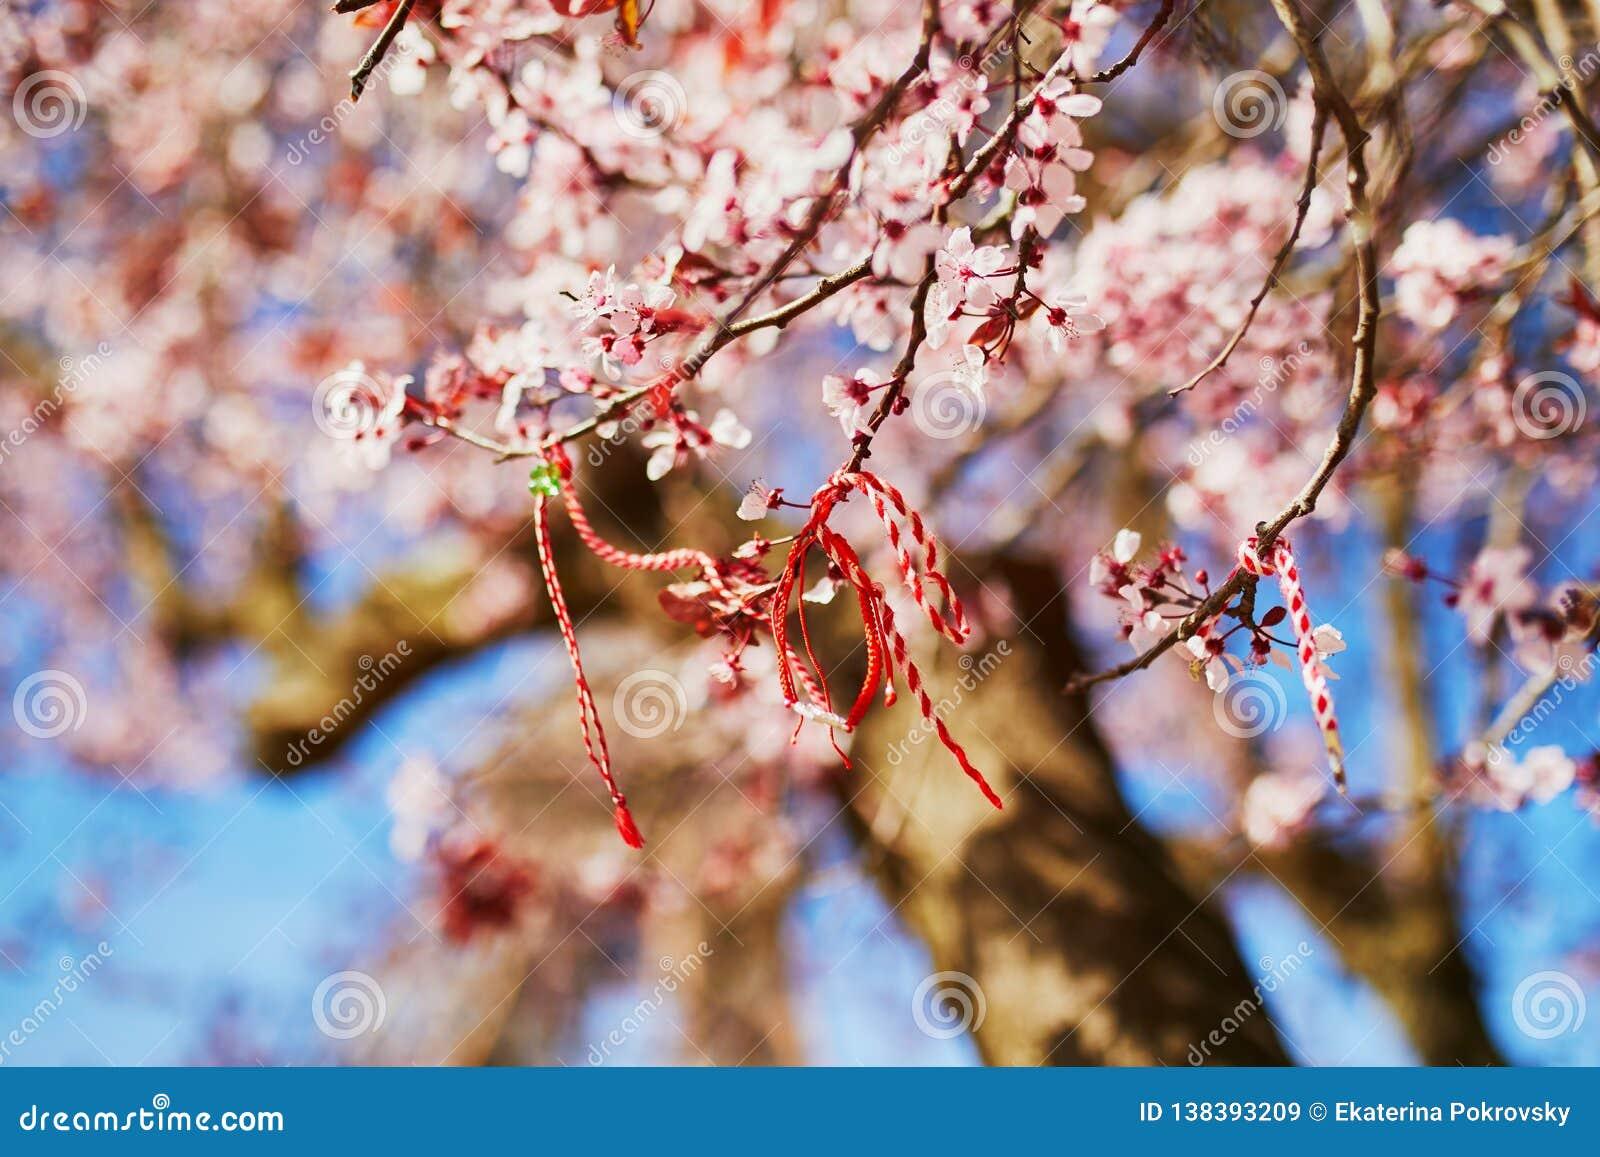 Ramo del ciliegio sbocciante con il martisor rosso e bianco